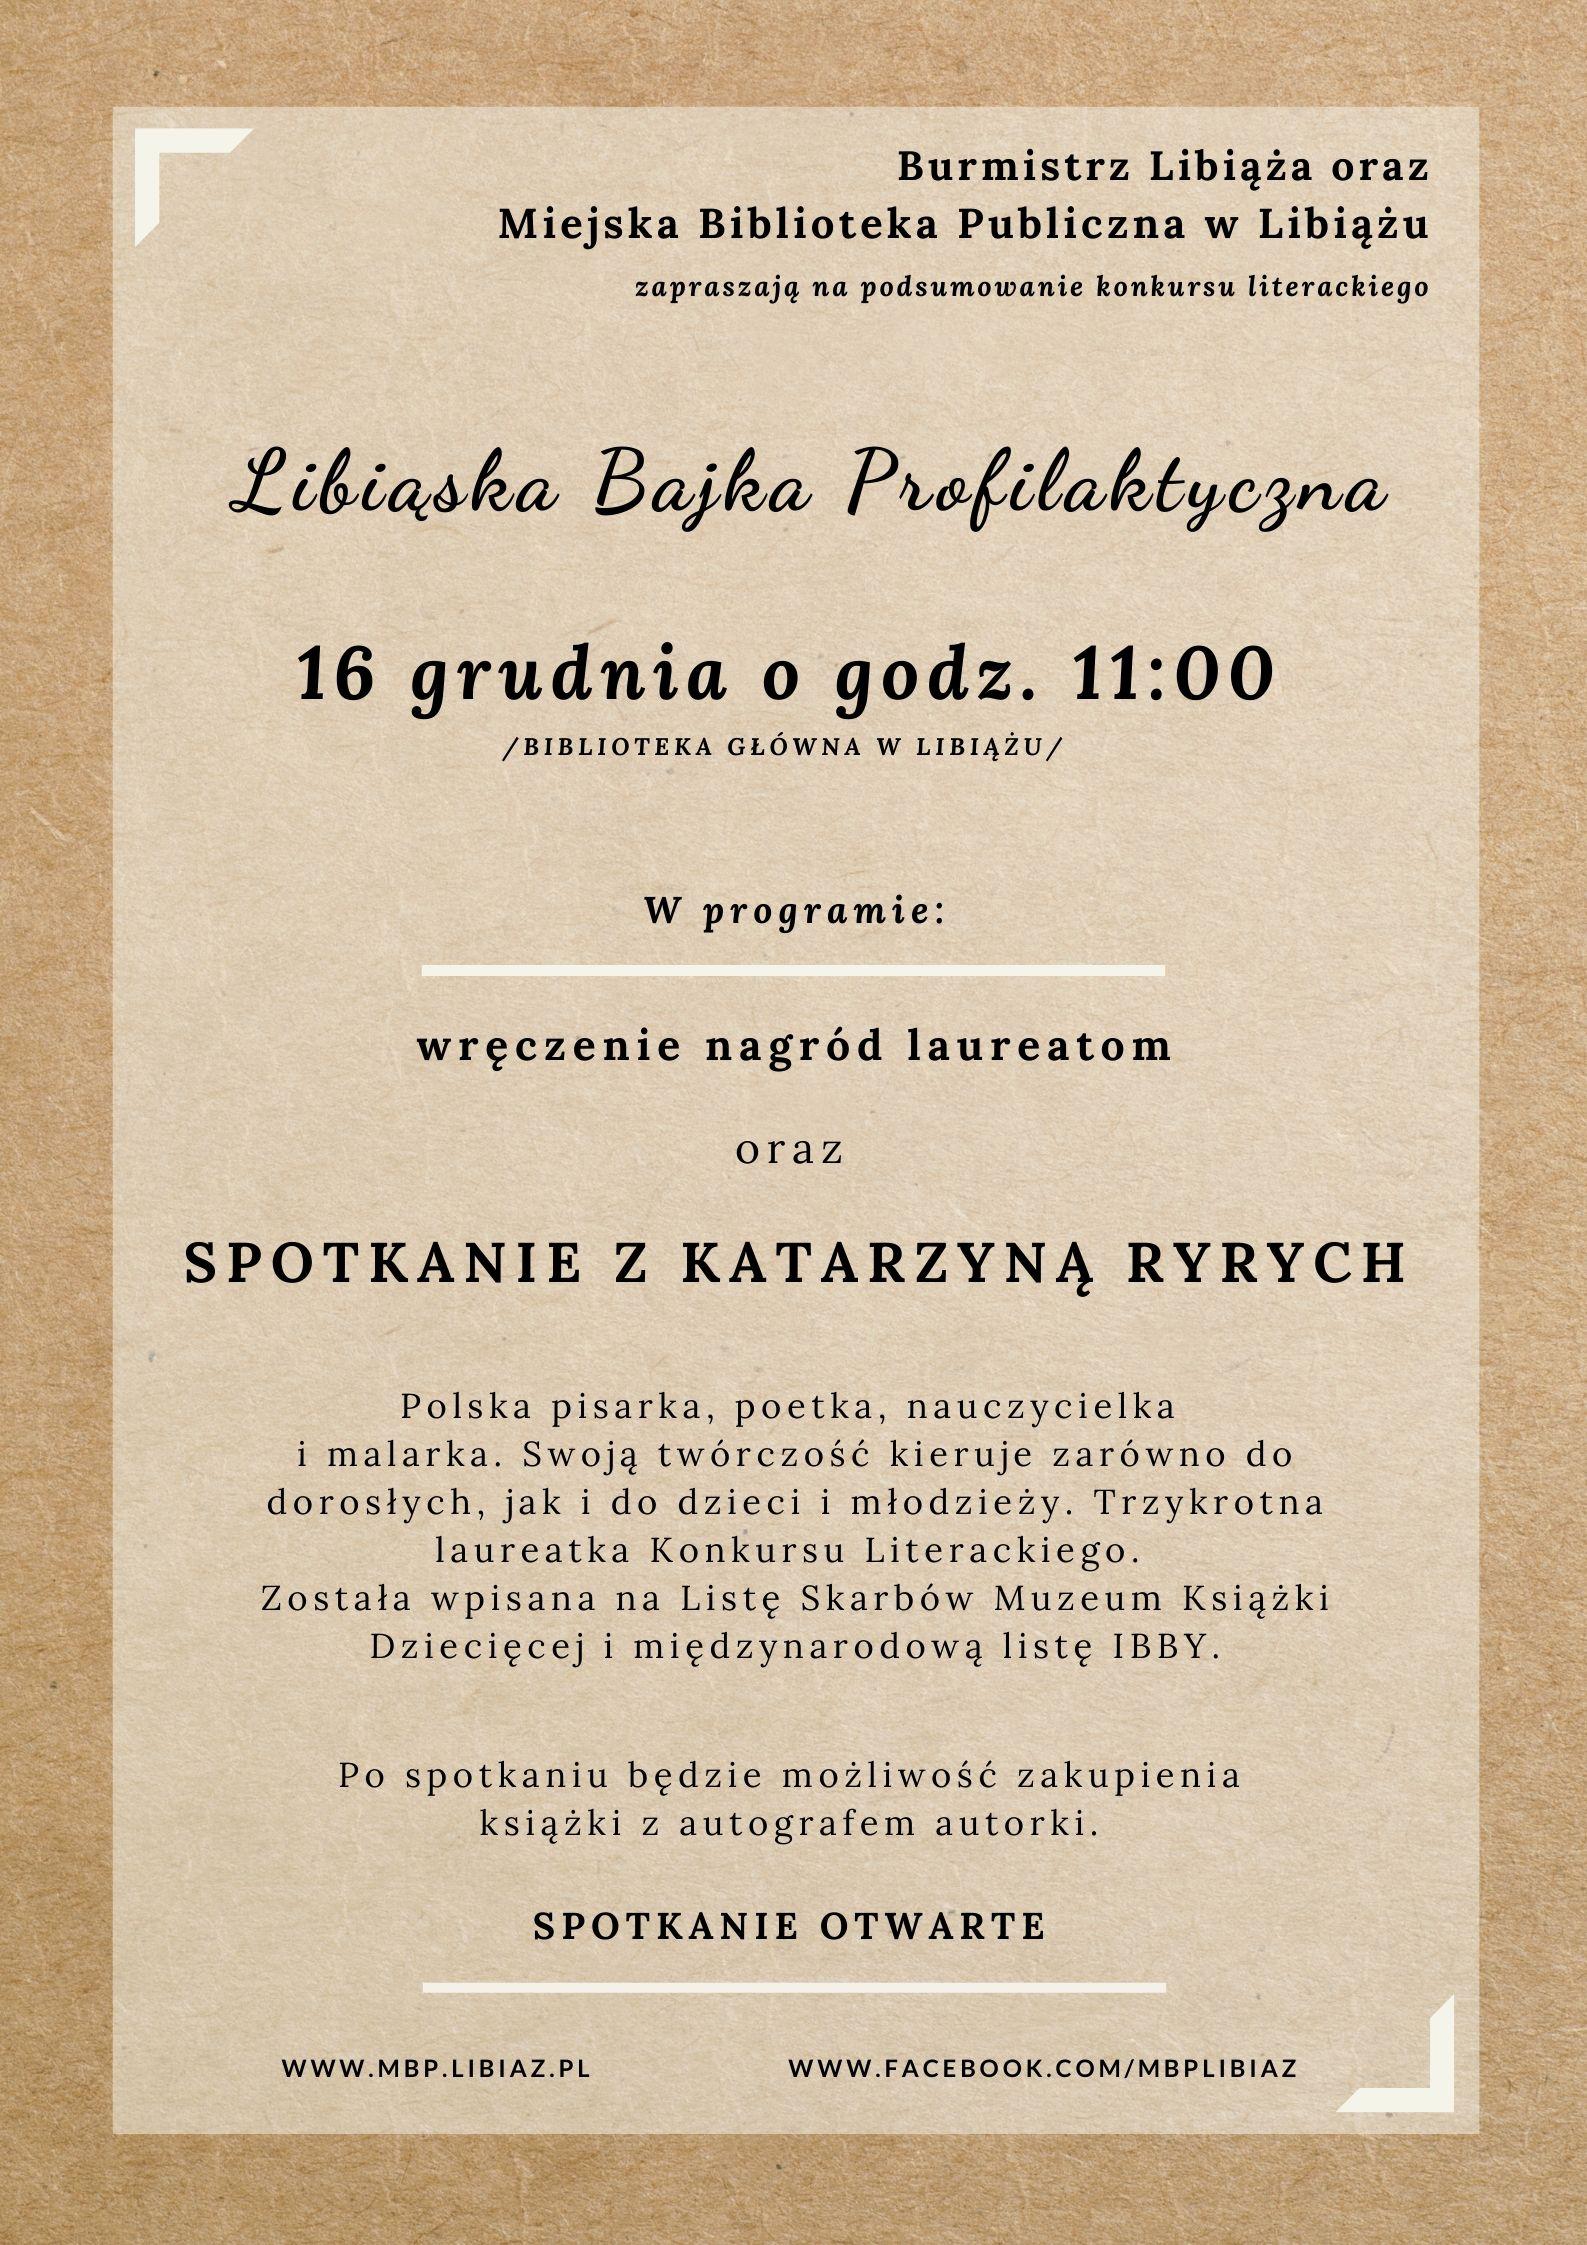 Bajka_Profilaktyczna_-_zaproszenie